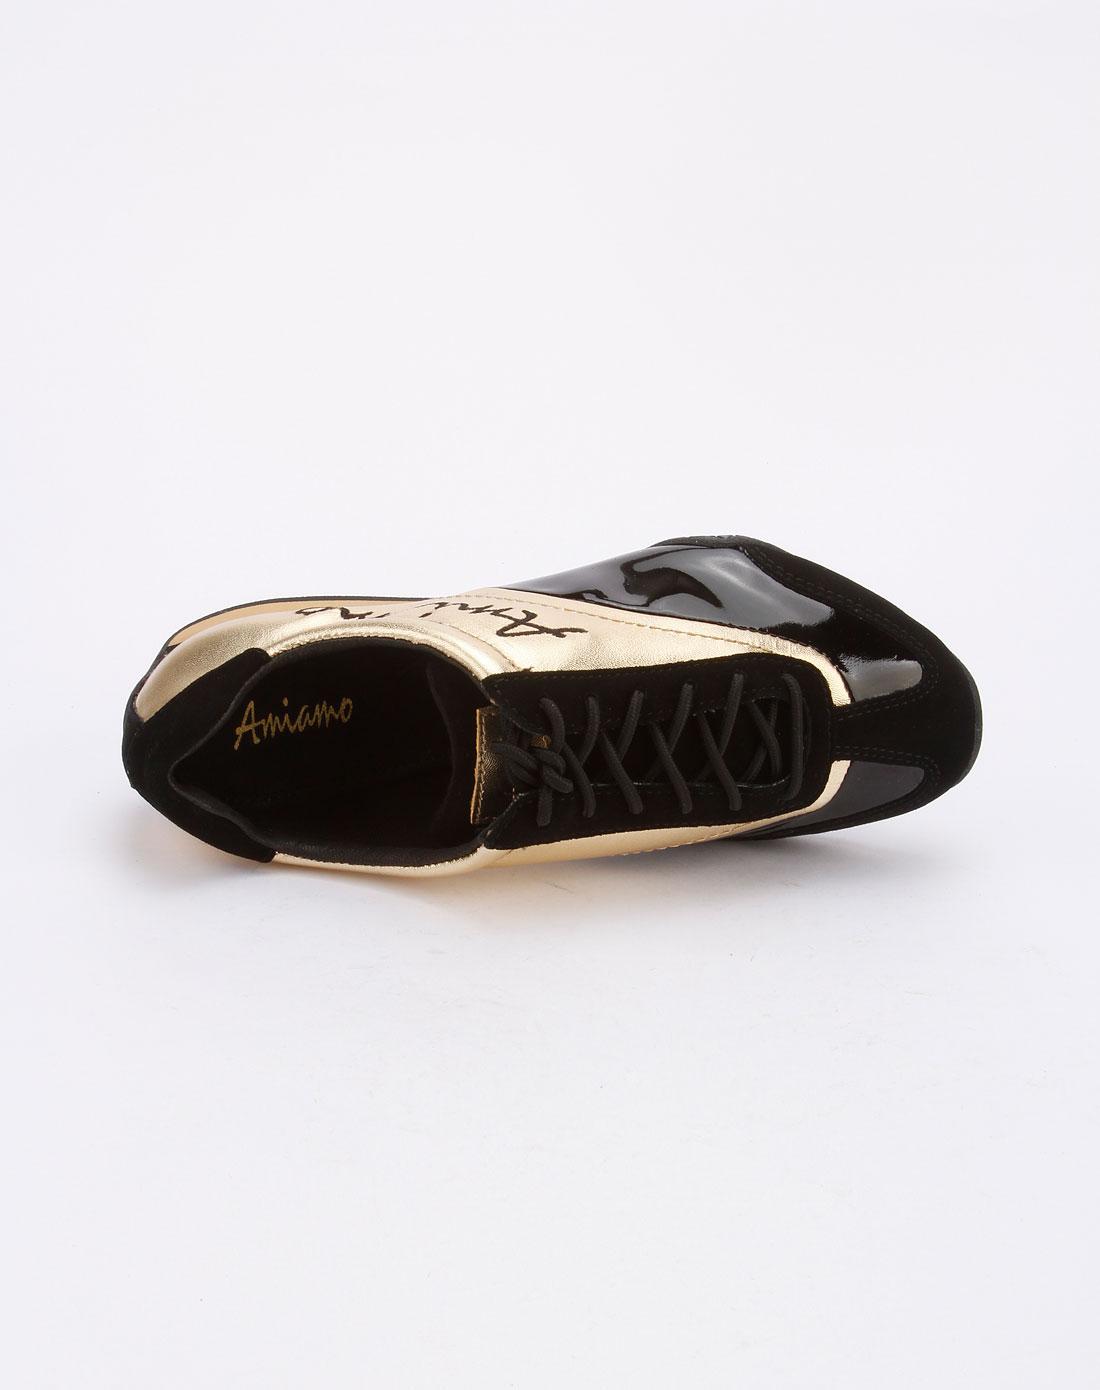 amiamo女款黑/金色系带休闲鞋11022802804-804